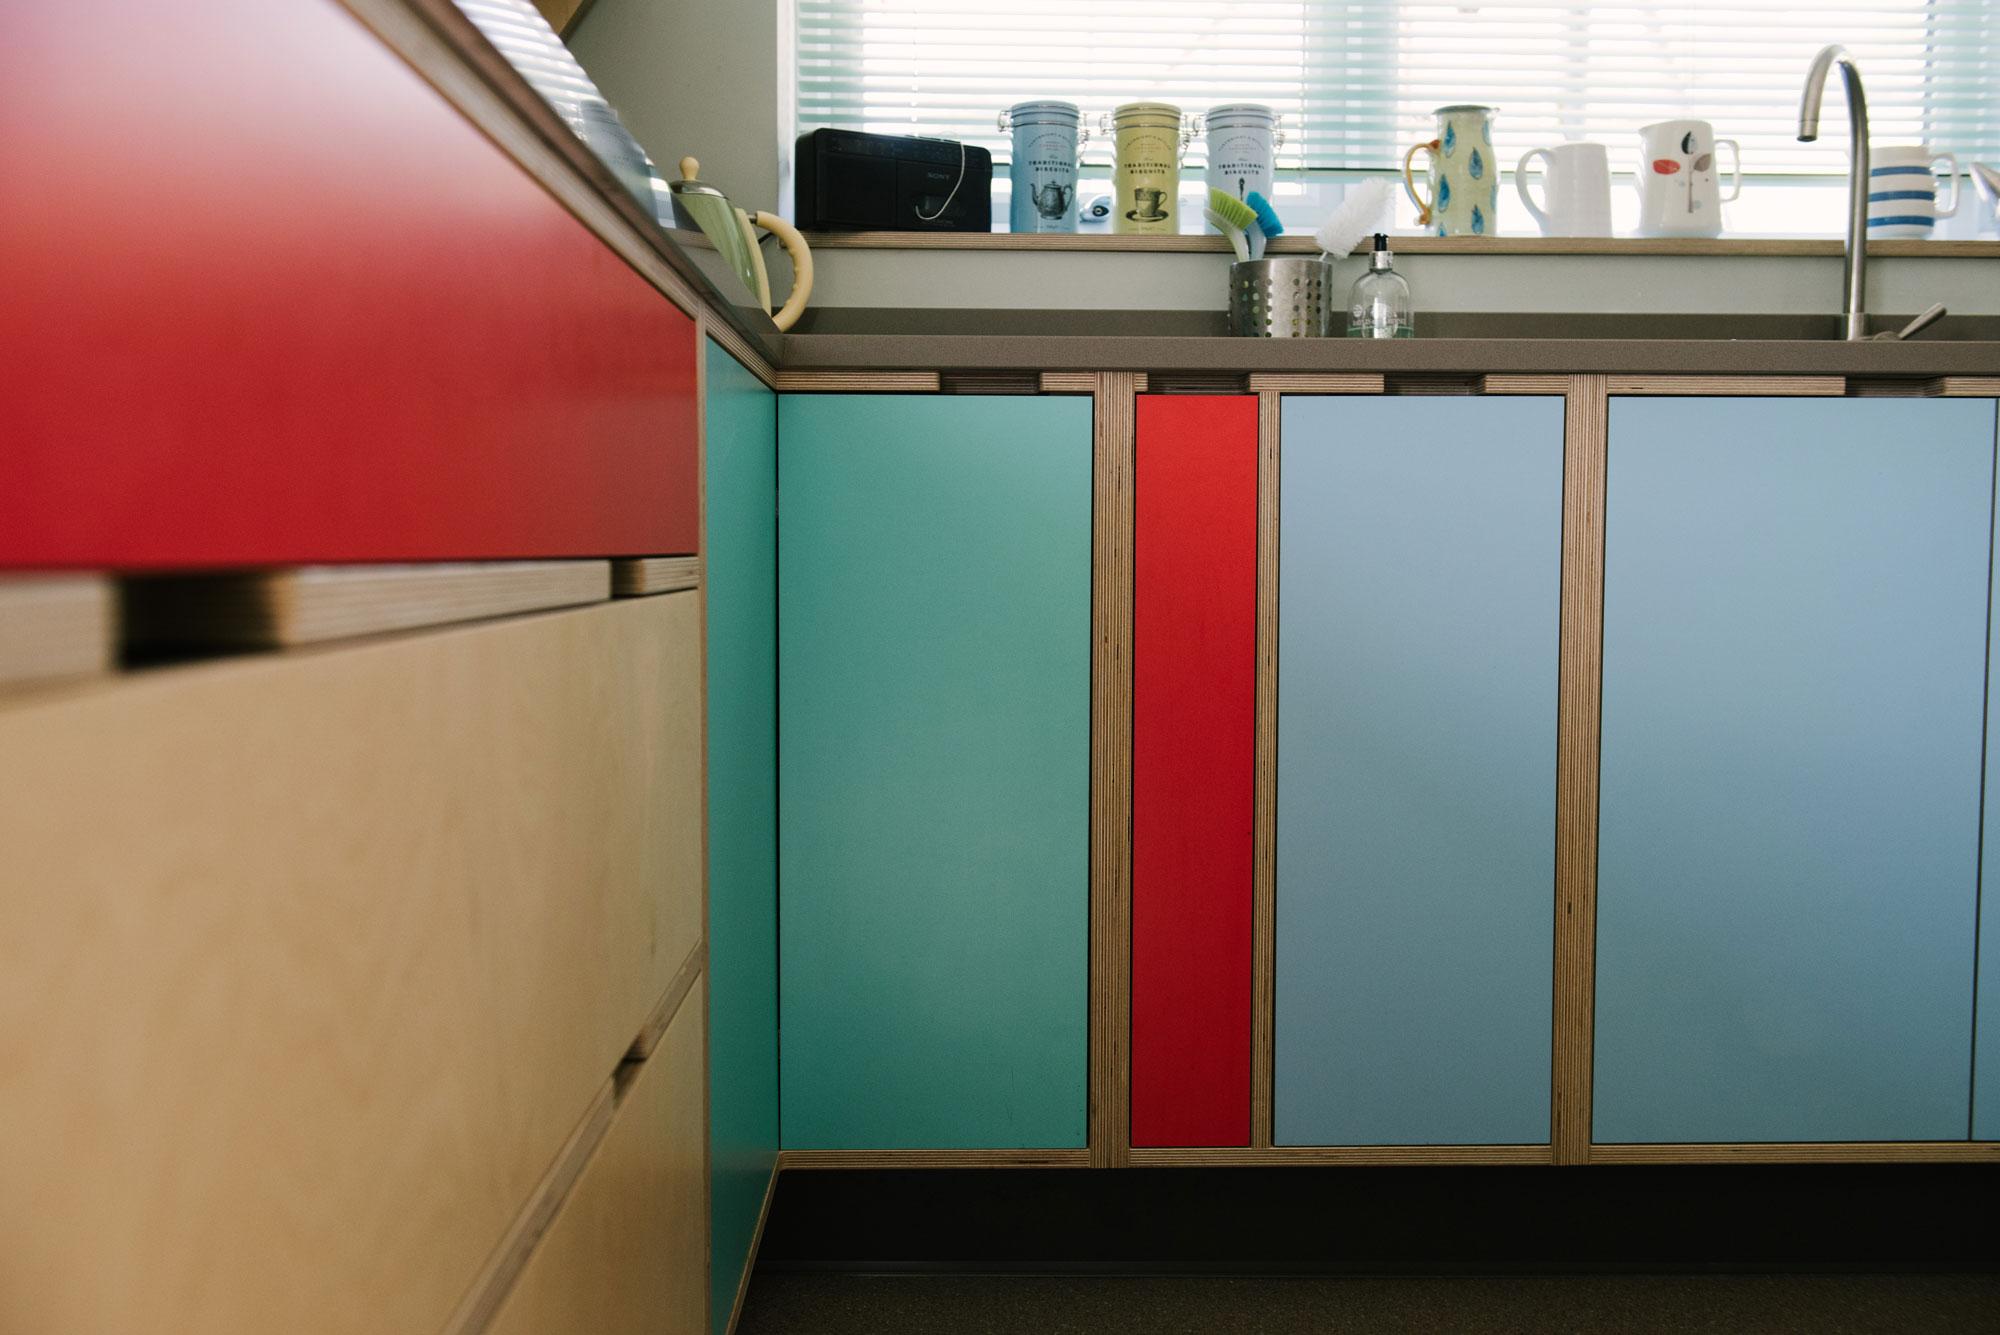 Retro Kitchen - Red and Blue Kitchen